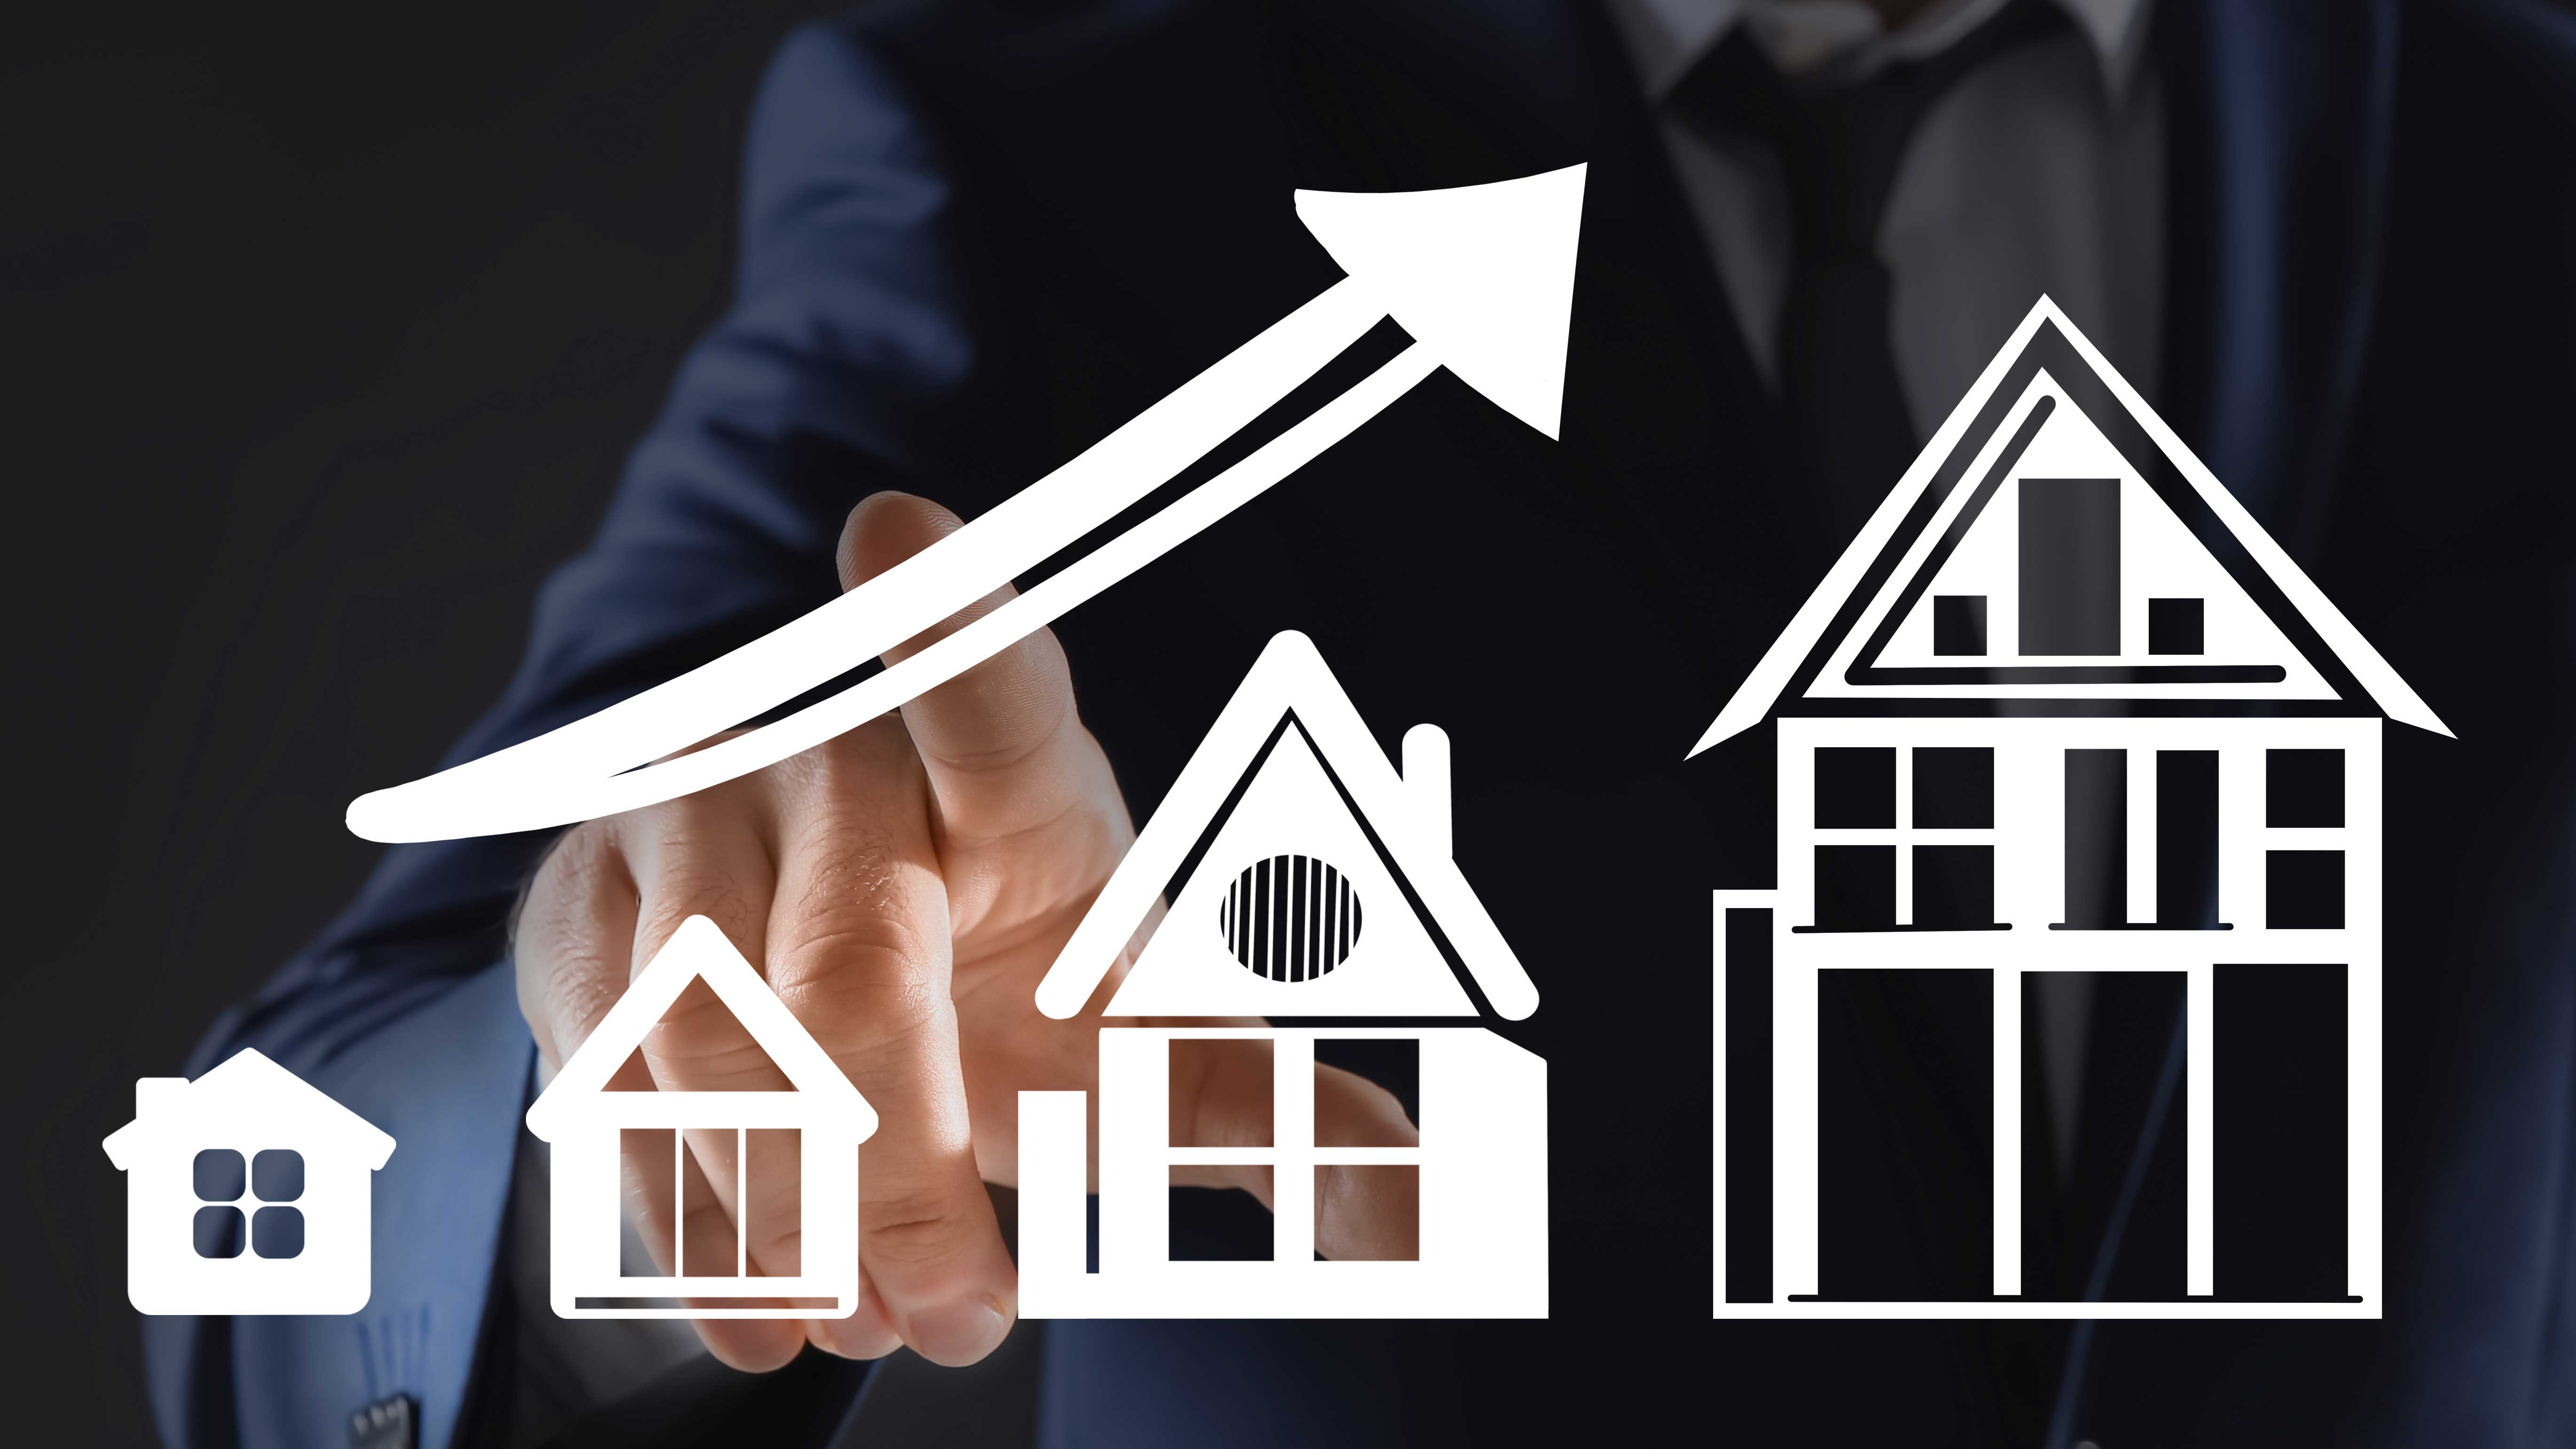 AltText: Häuser werden aufsteigend größer.